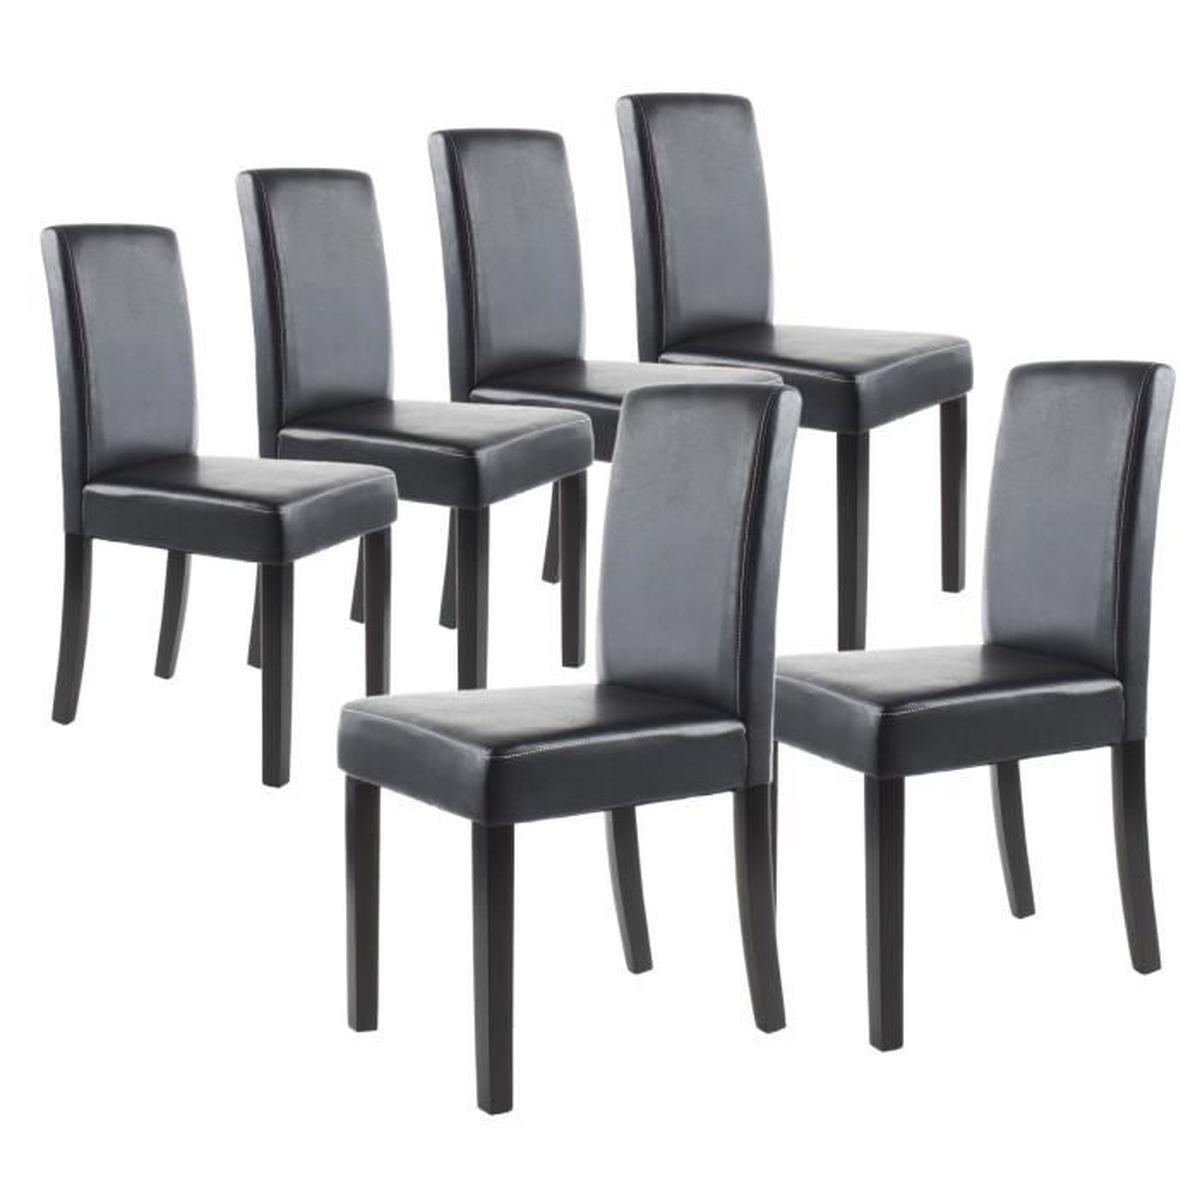 chaise but promo clara lot de 6 chaises